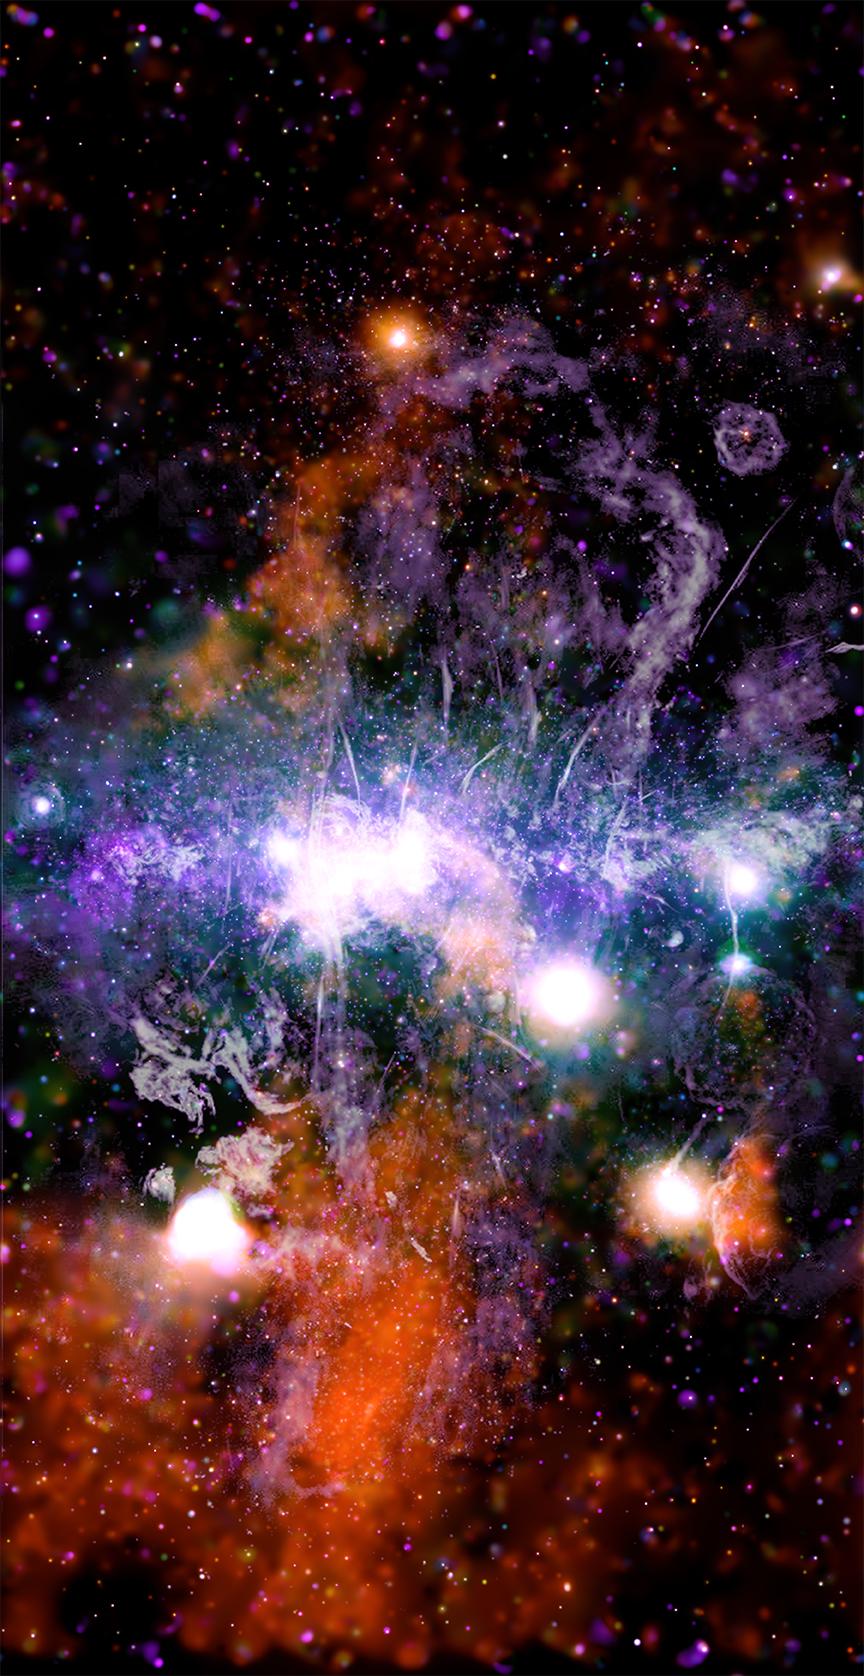 Gambar komposit pusat galaksi